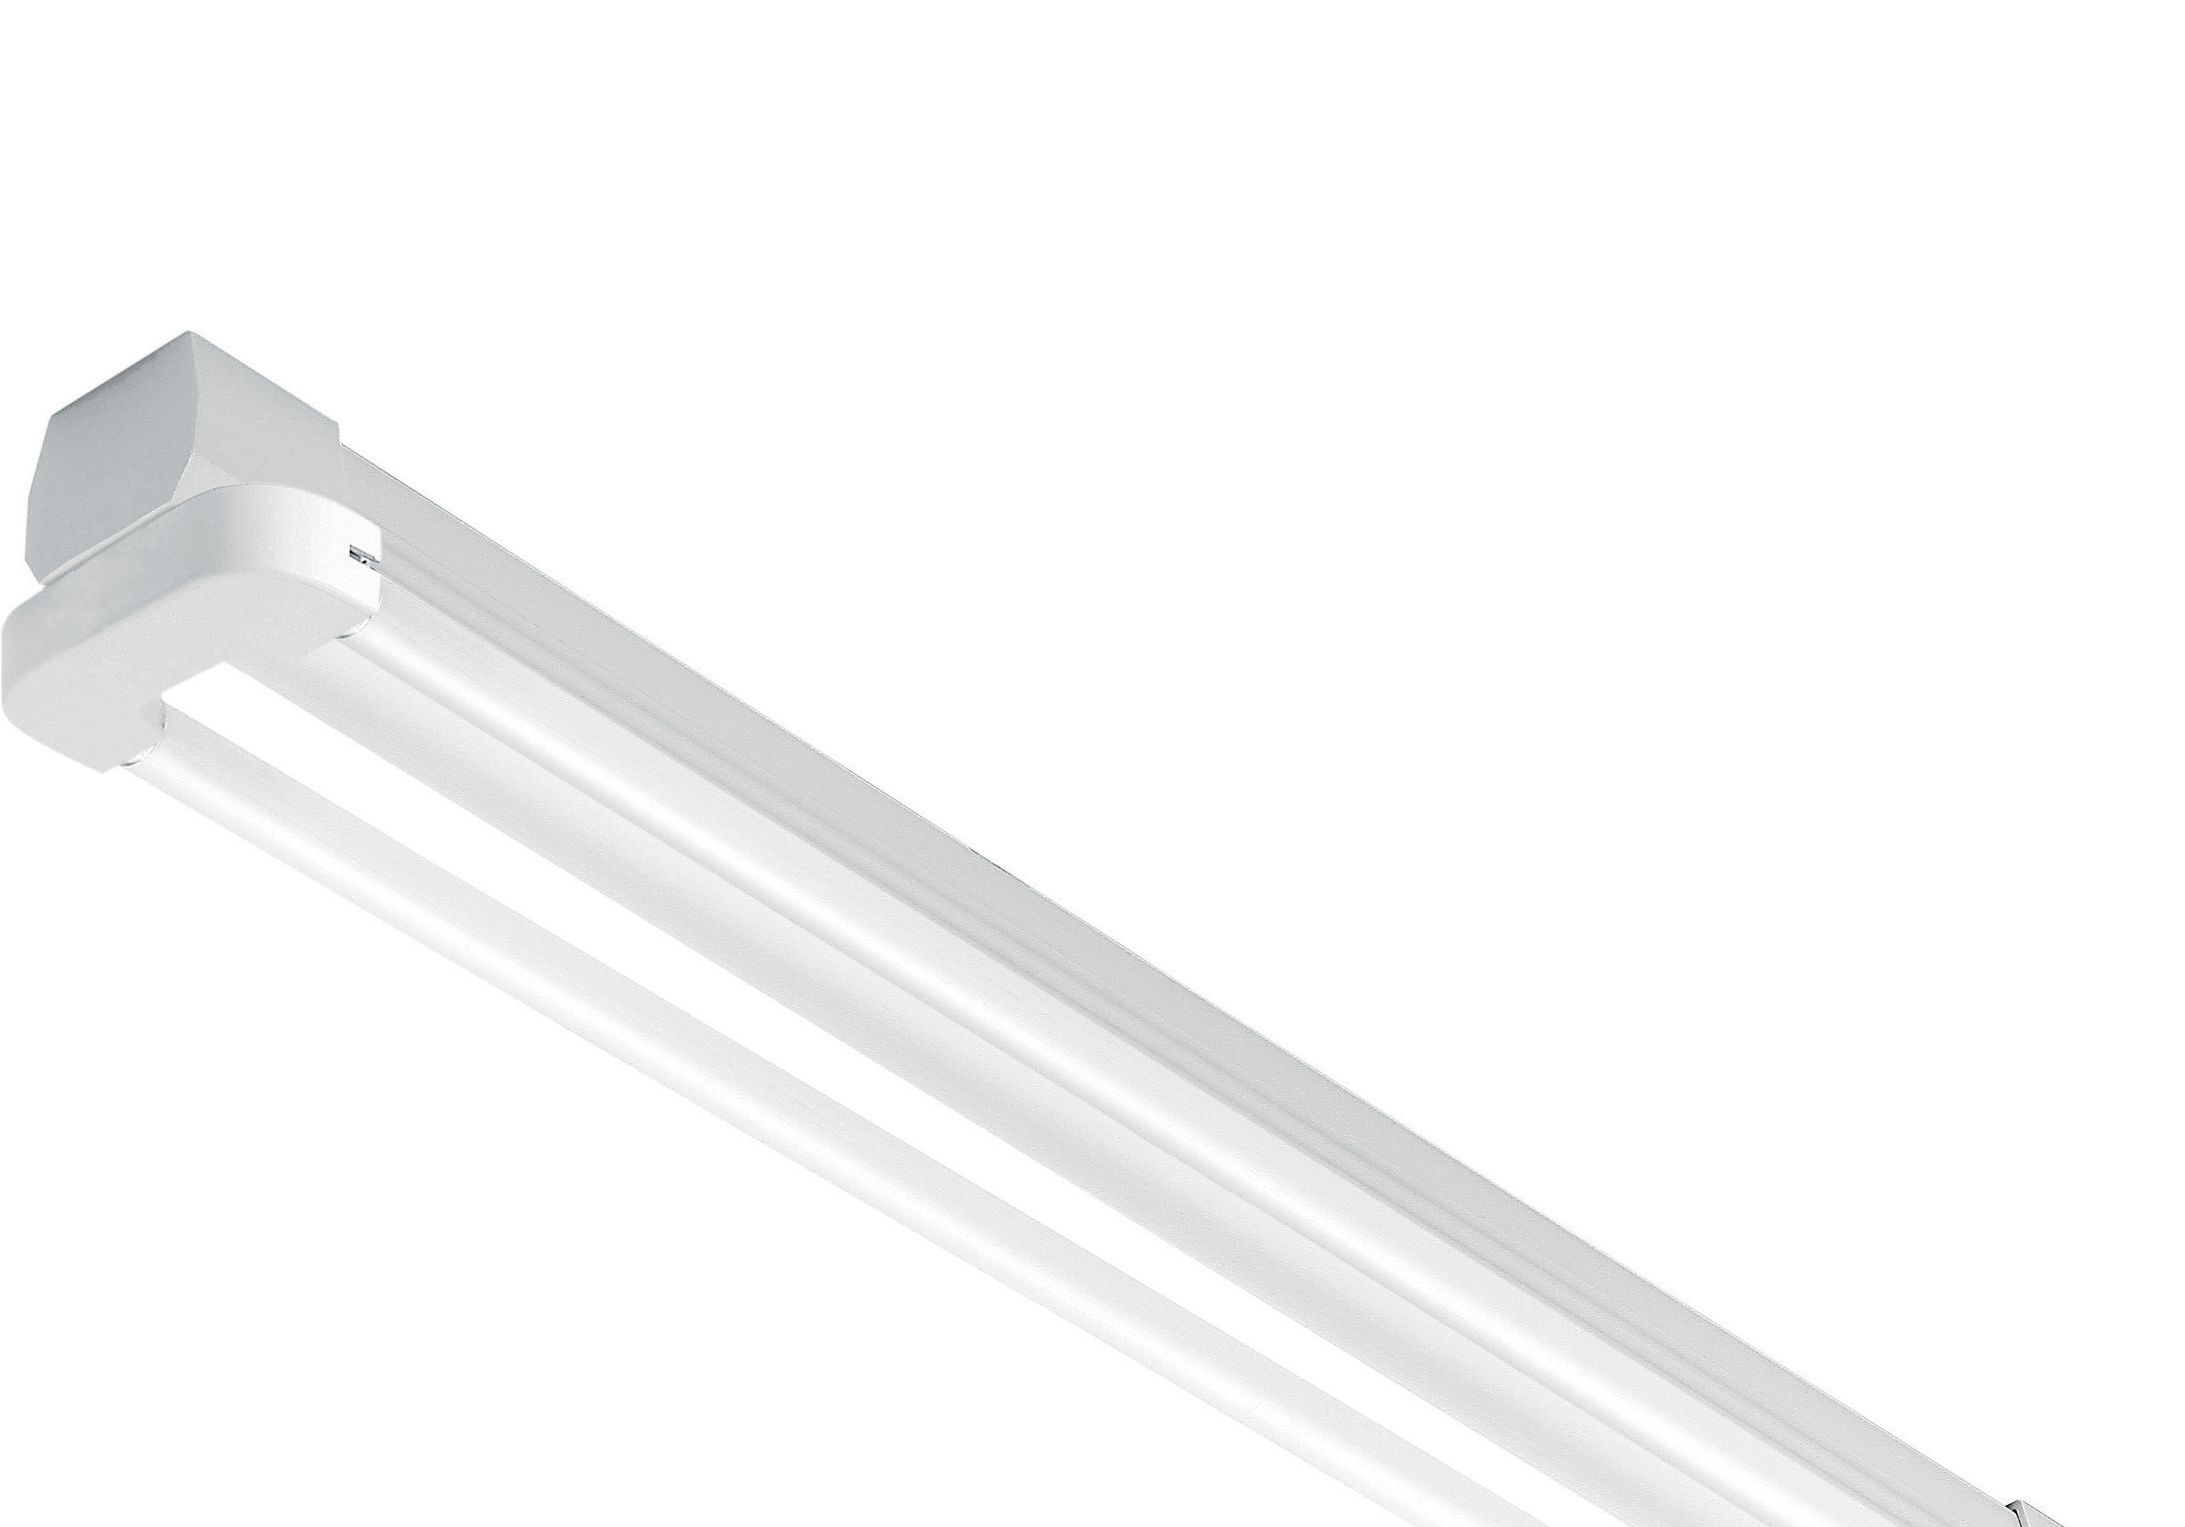 Solo 2 T5 2x49W EVG, weiß, Einzellichtleiste